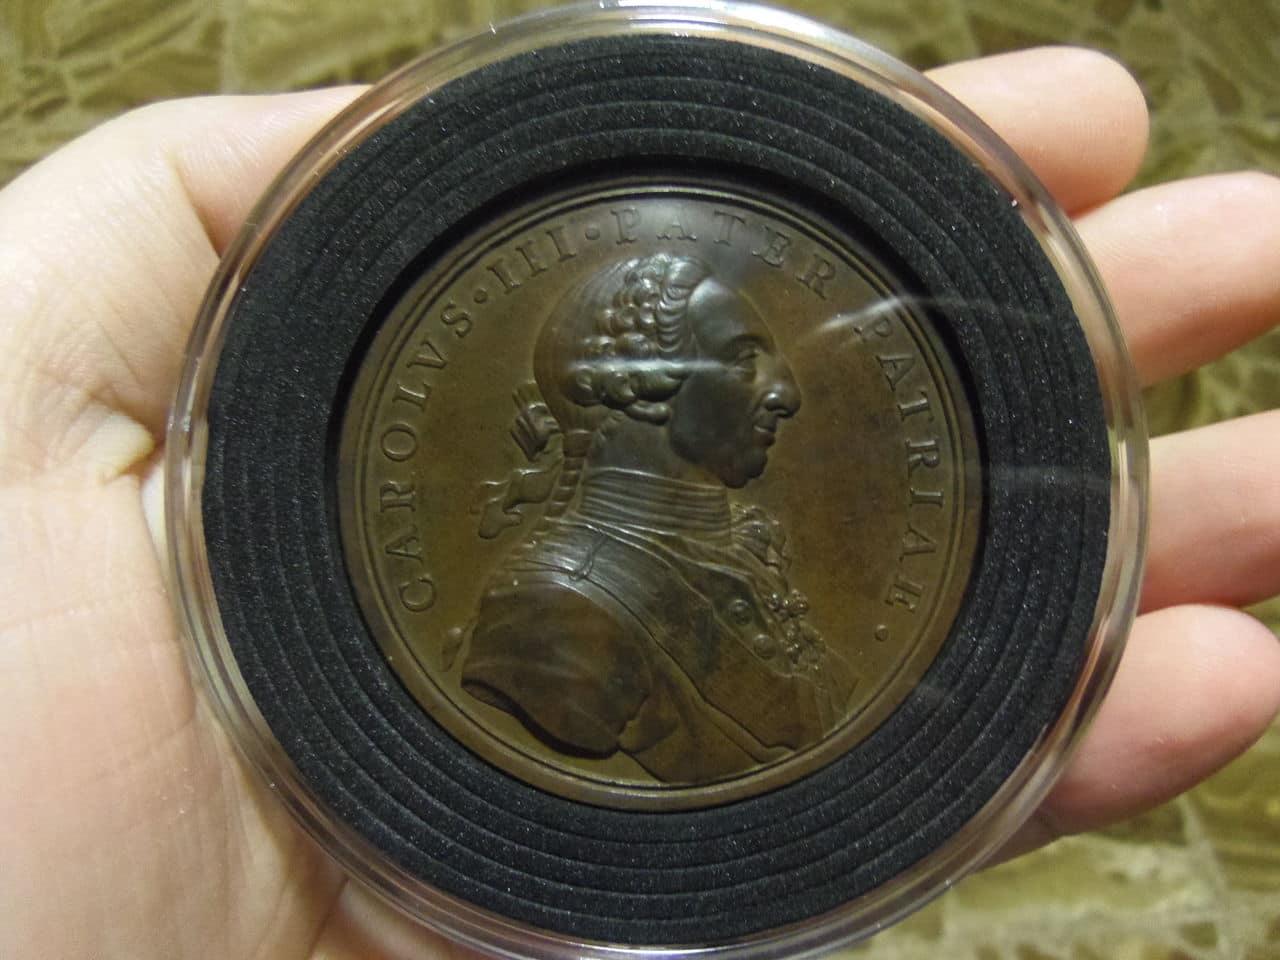 Nuevas Cápsulas de monedas CAPS XL de Leuchtturm. ¡Al fin hay capsulas para las monedas Griegas Clásicas y para medallas de gran tamaño!. IMGP7711